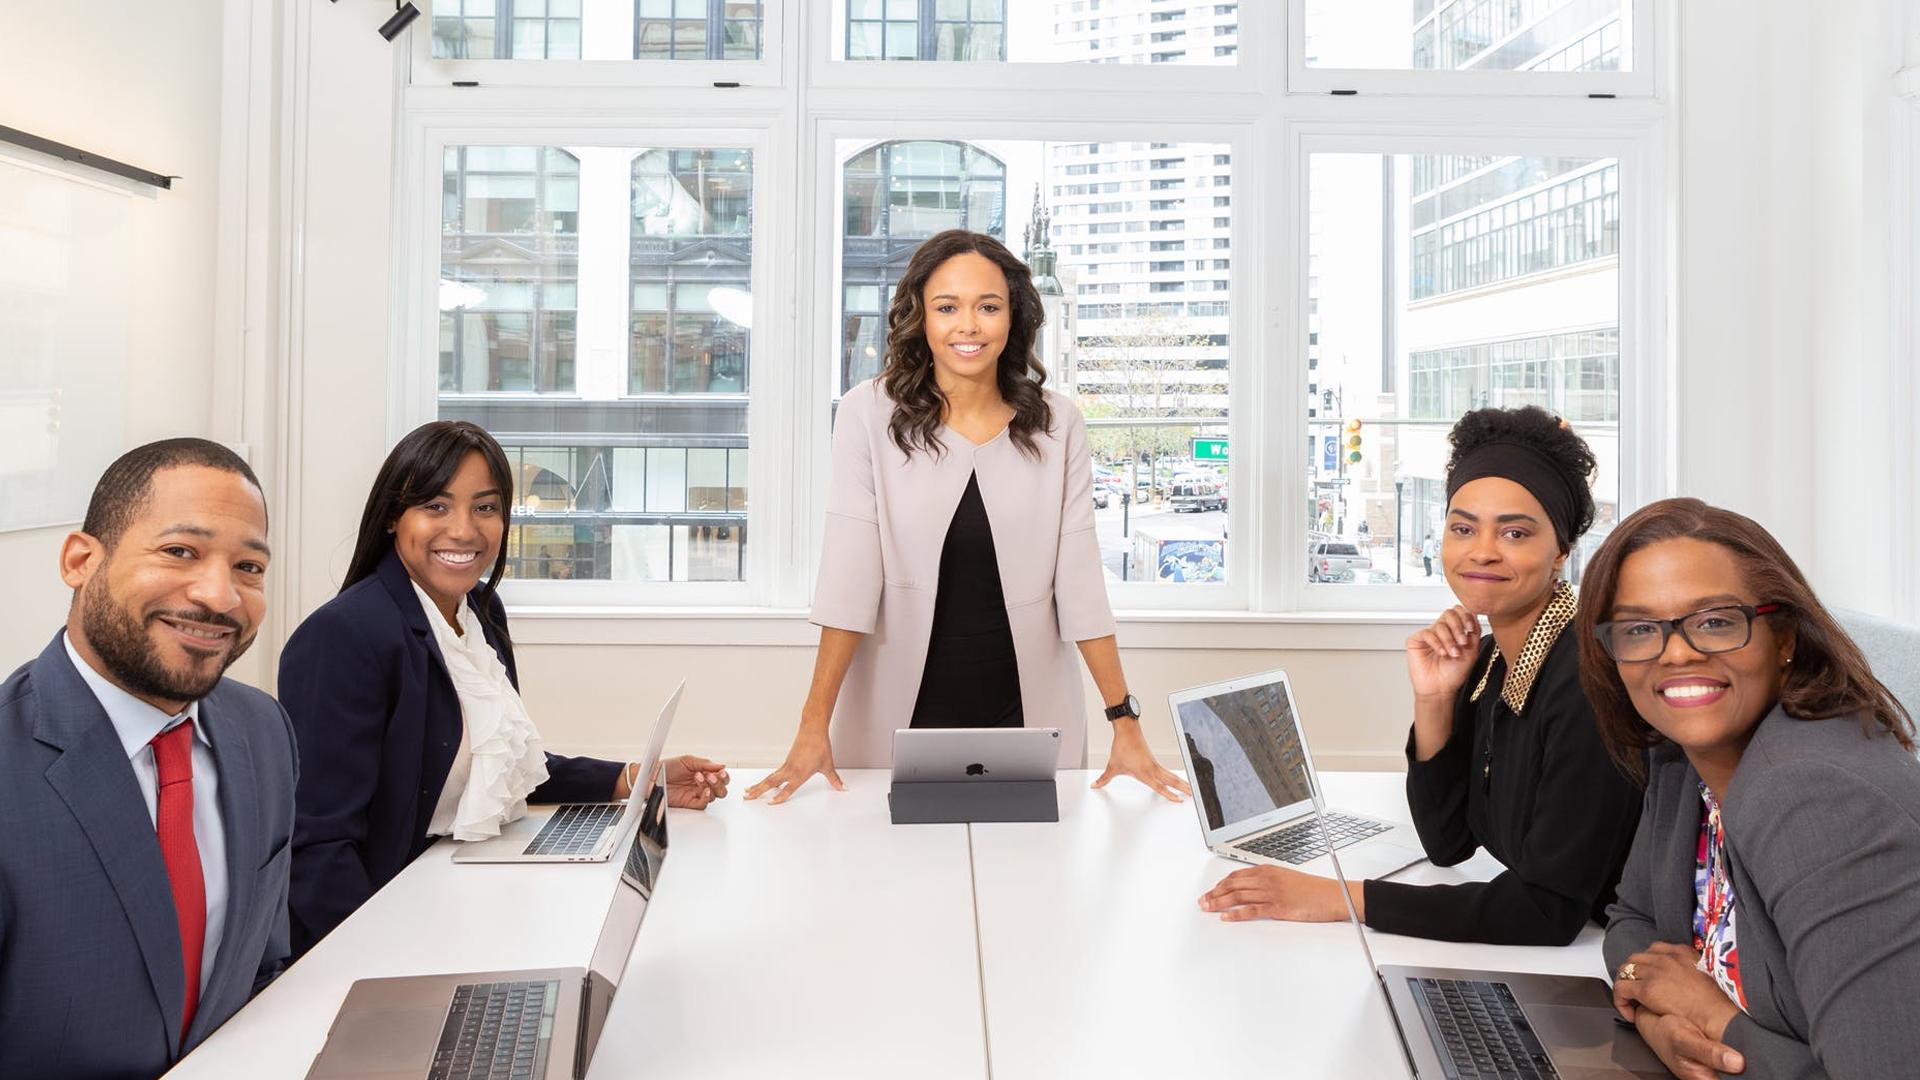 La leadership consapevole e le caratteristiche che le imprese cercano in un capo